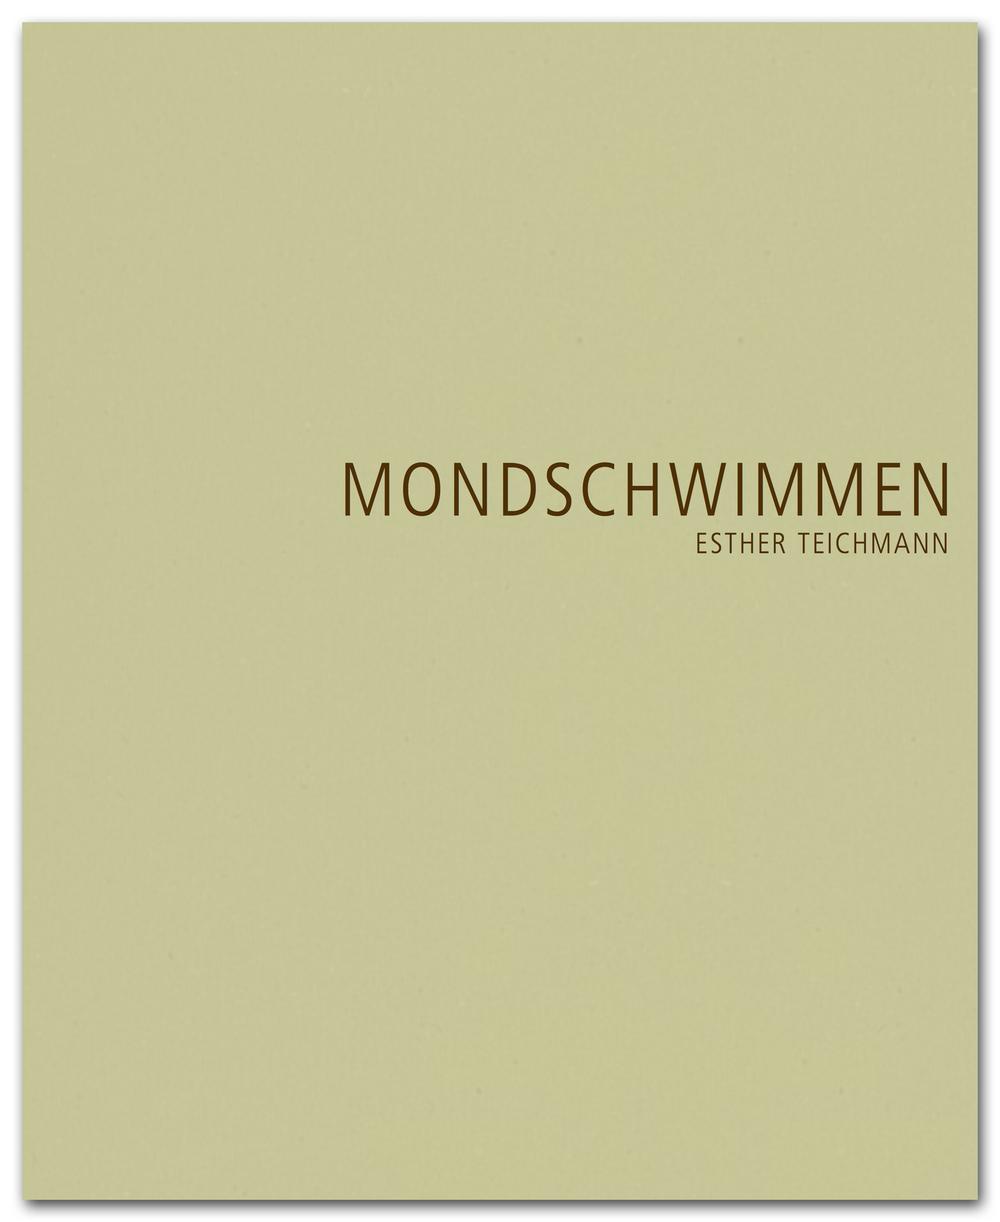 """KÜNSTLERBUCH Anlässlich der Ausstellung erscheint das Künstlerbuch """"MONDSCHWIMMEN"""" in Kleinauflage. Mit zahlreichen Abbildungen und drei Kurzgeschichten von Esther Teichmann (deutsch / englisch)."""